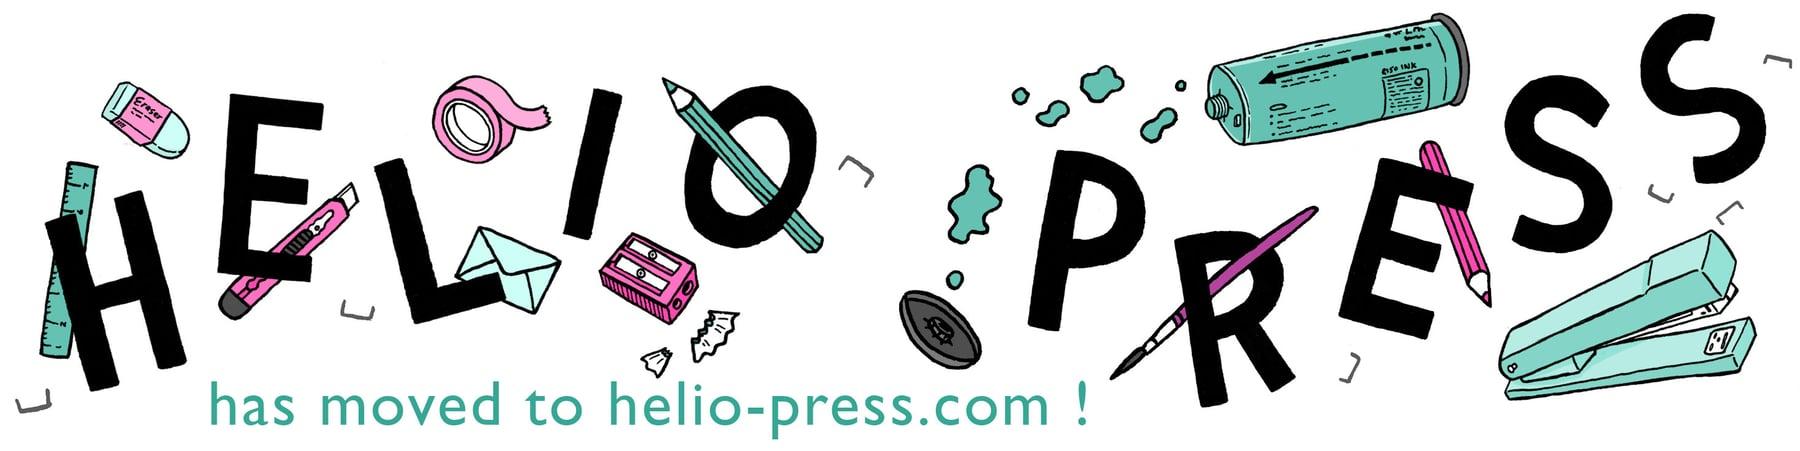 Helio Press